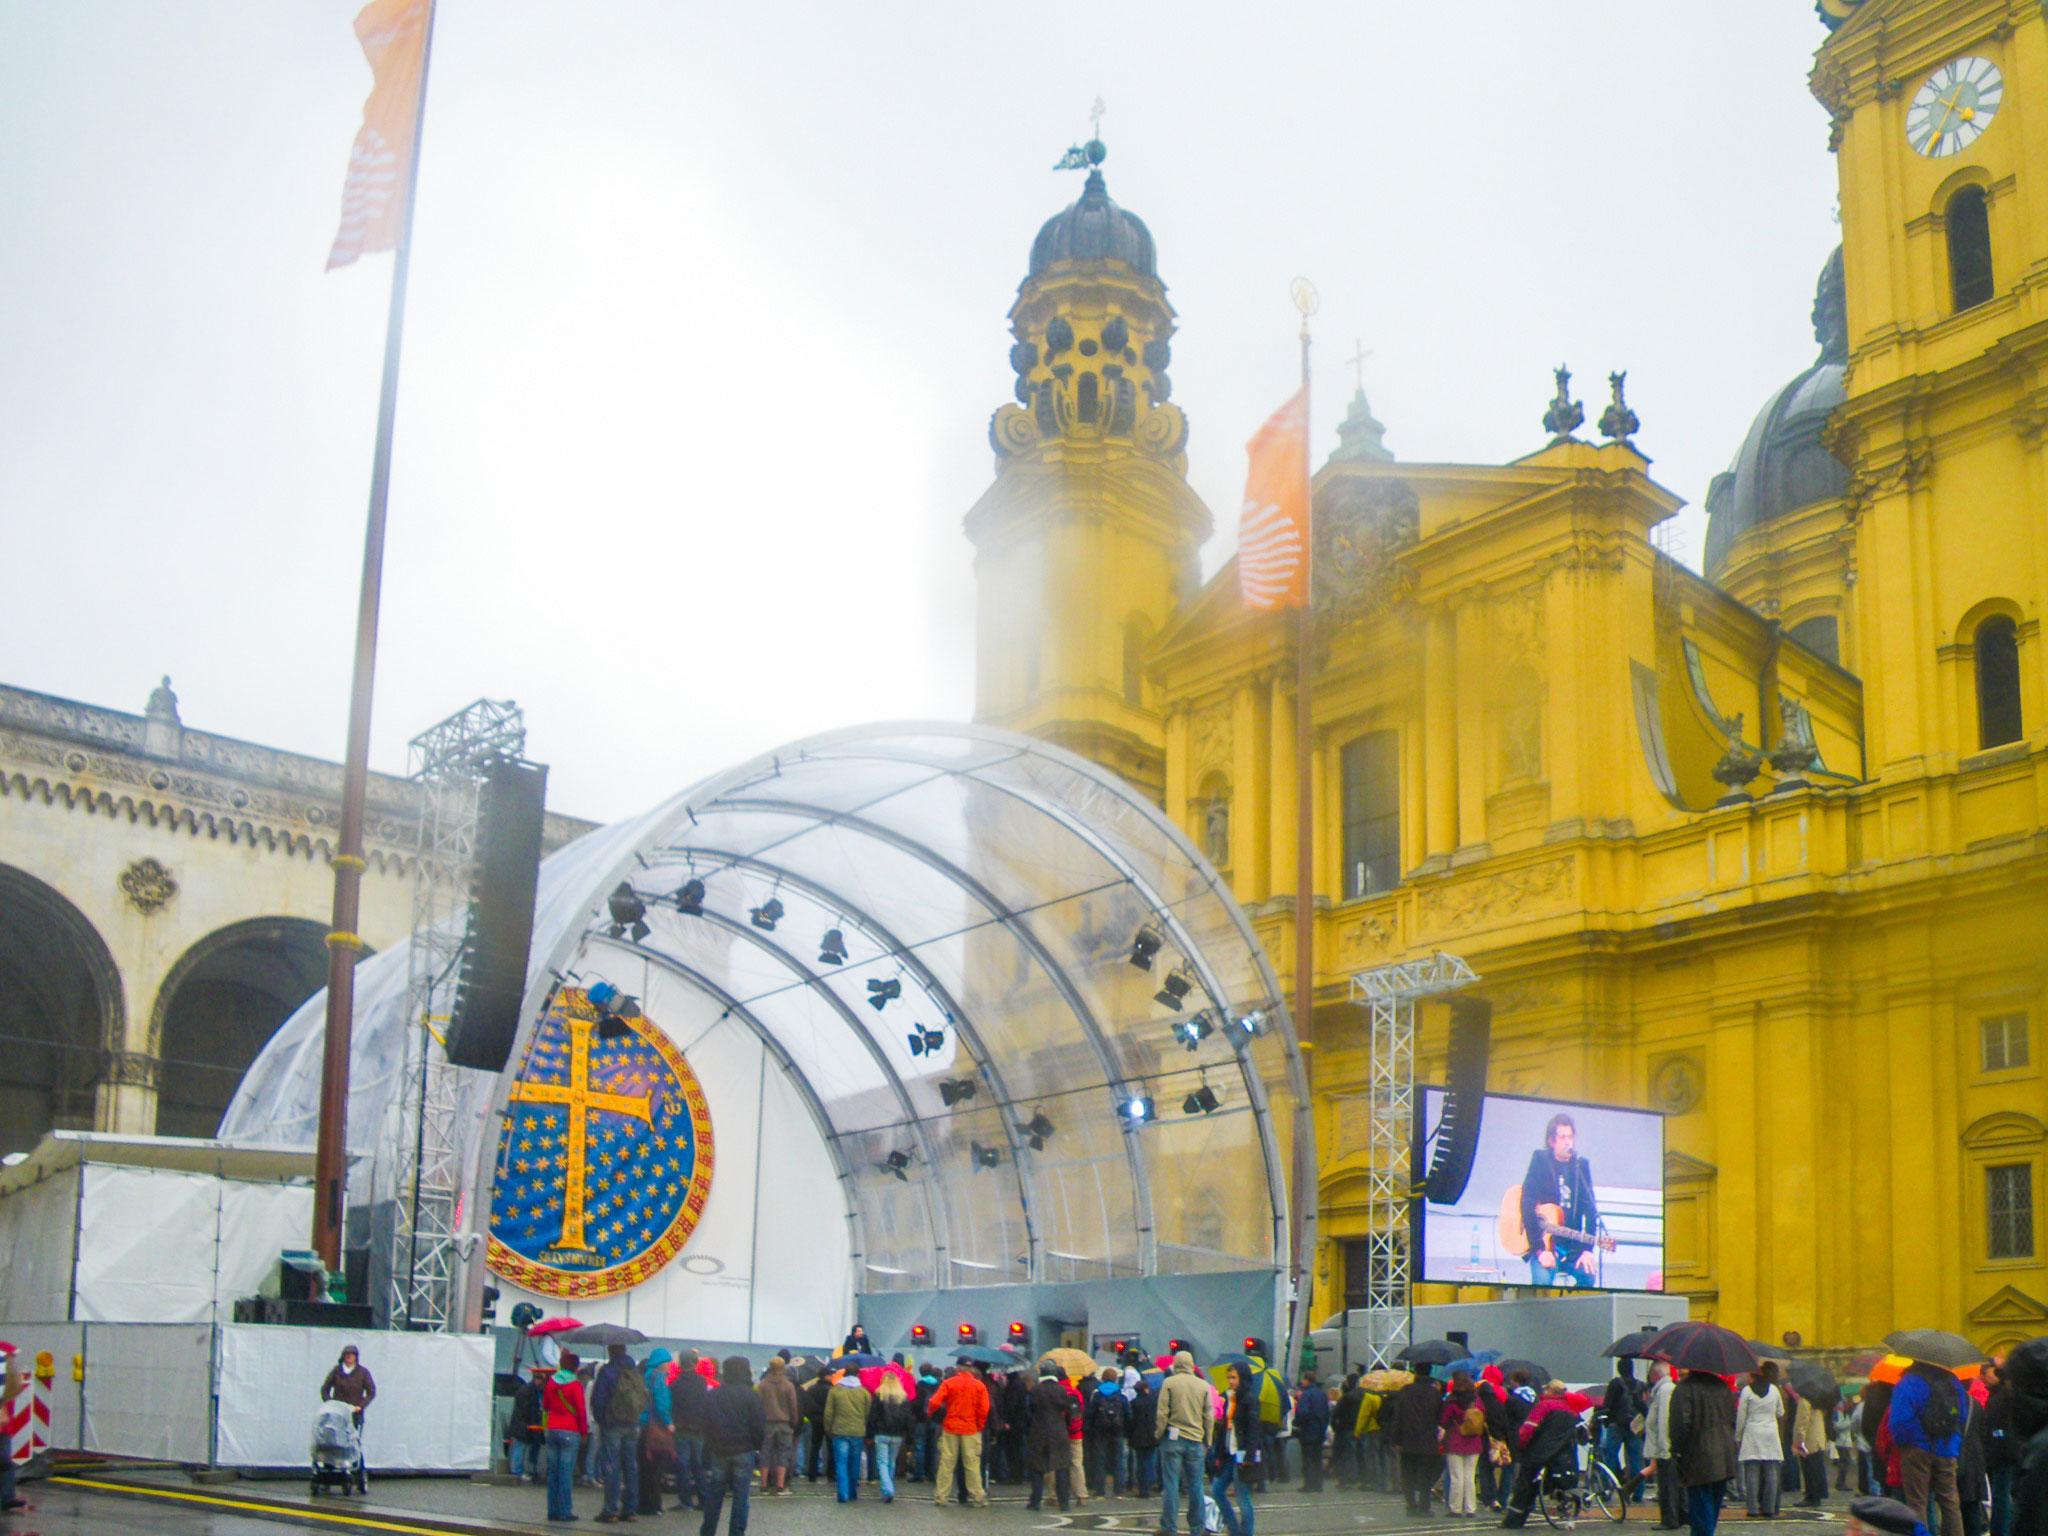 24 Hours in Munich Guide